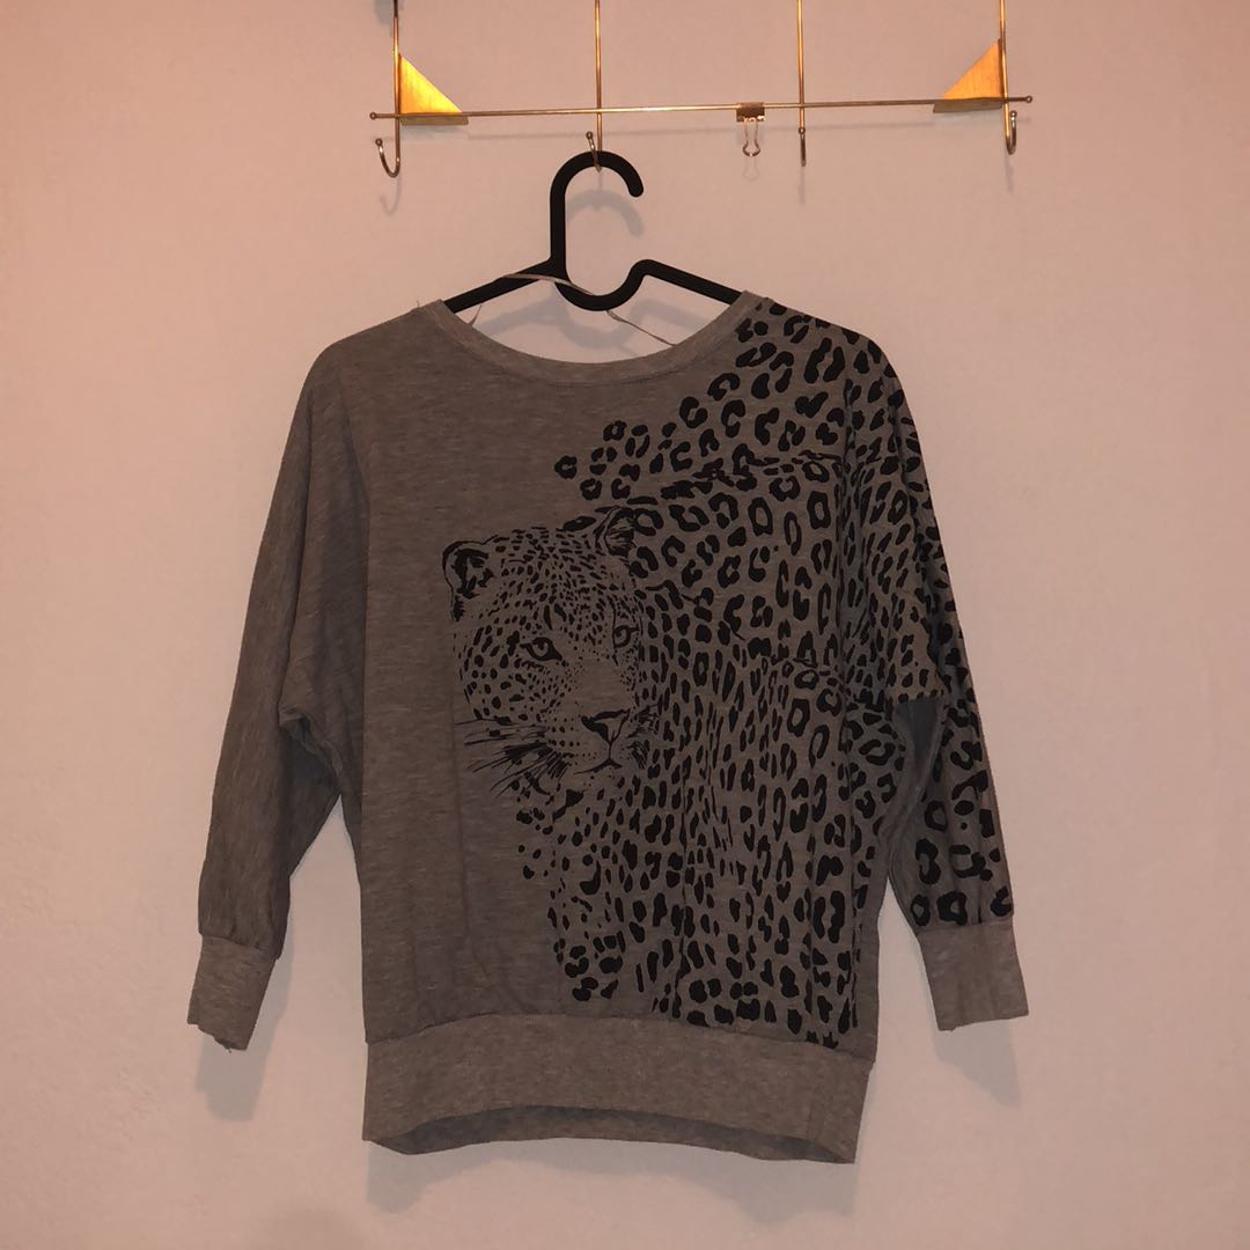 Atmosphere Sweatshirt